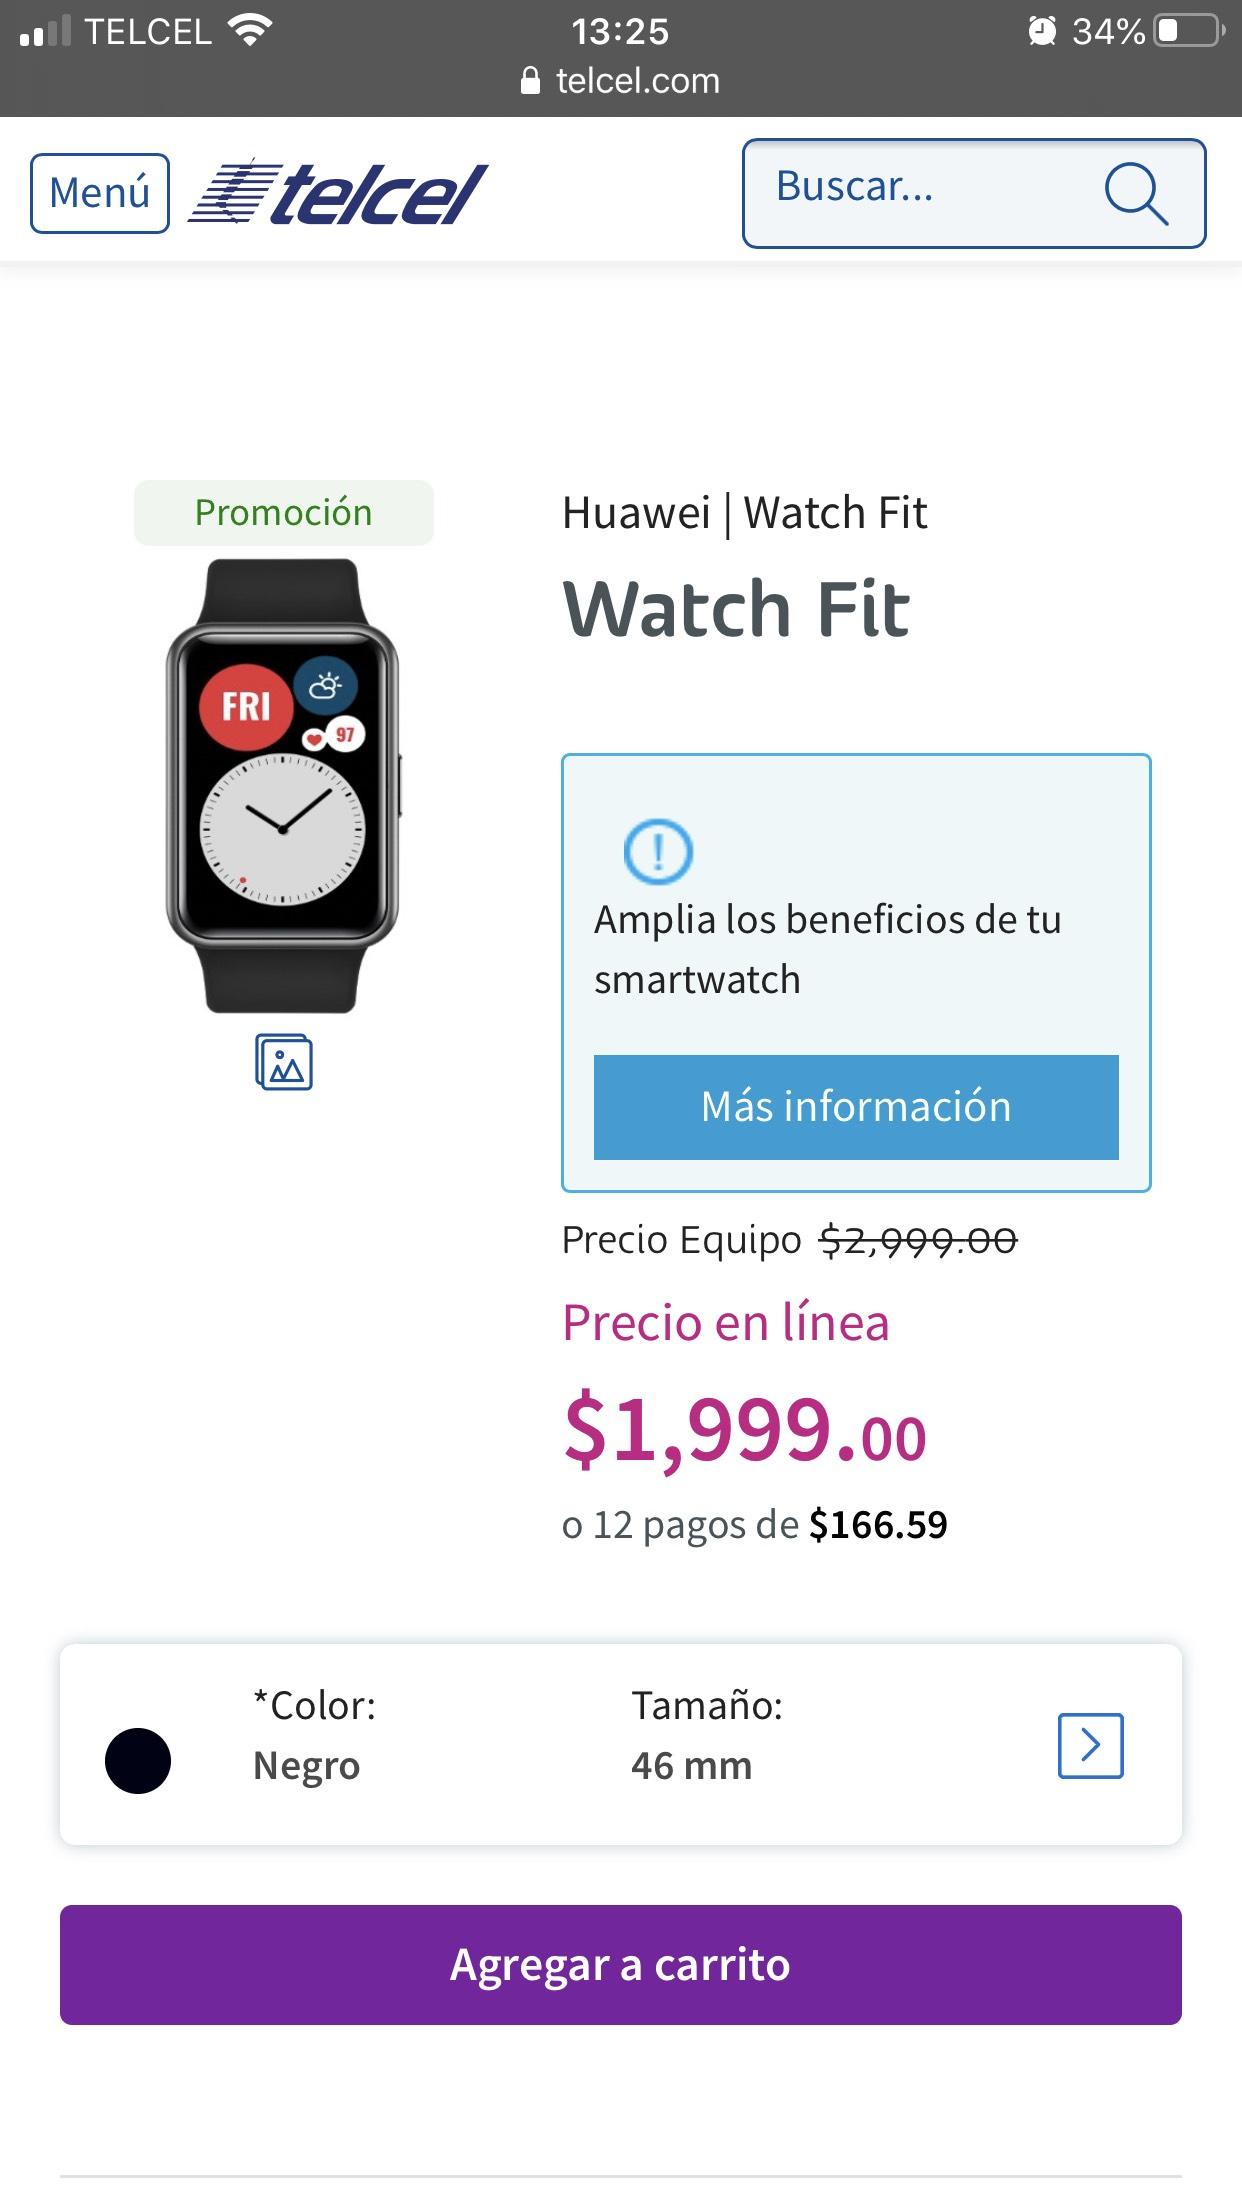 Telcel en linea: Huawei Watch fit 46 mm